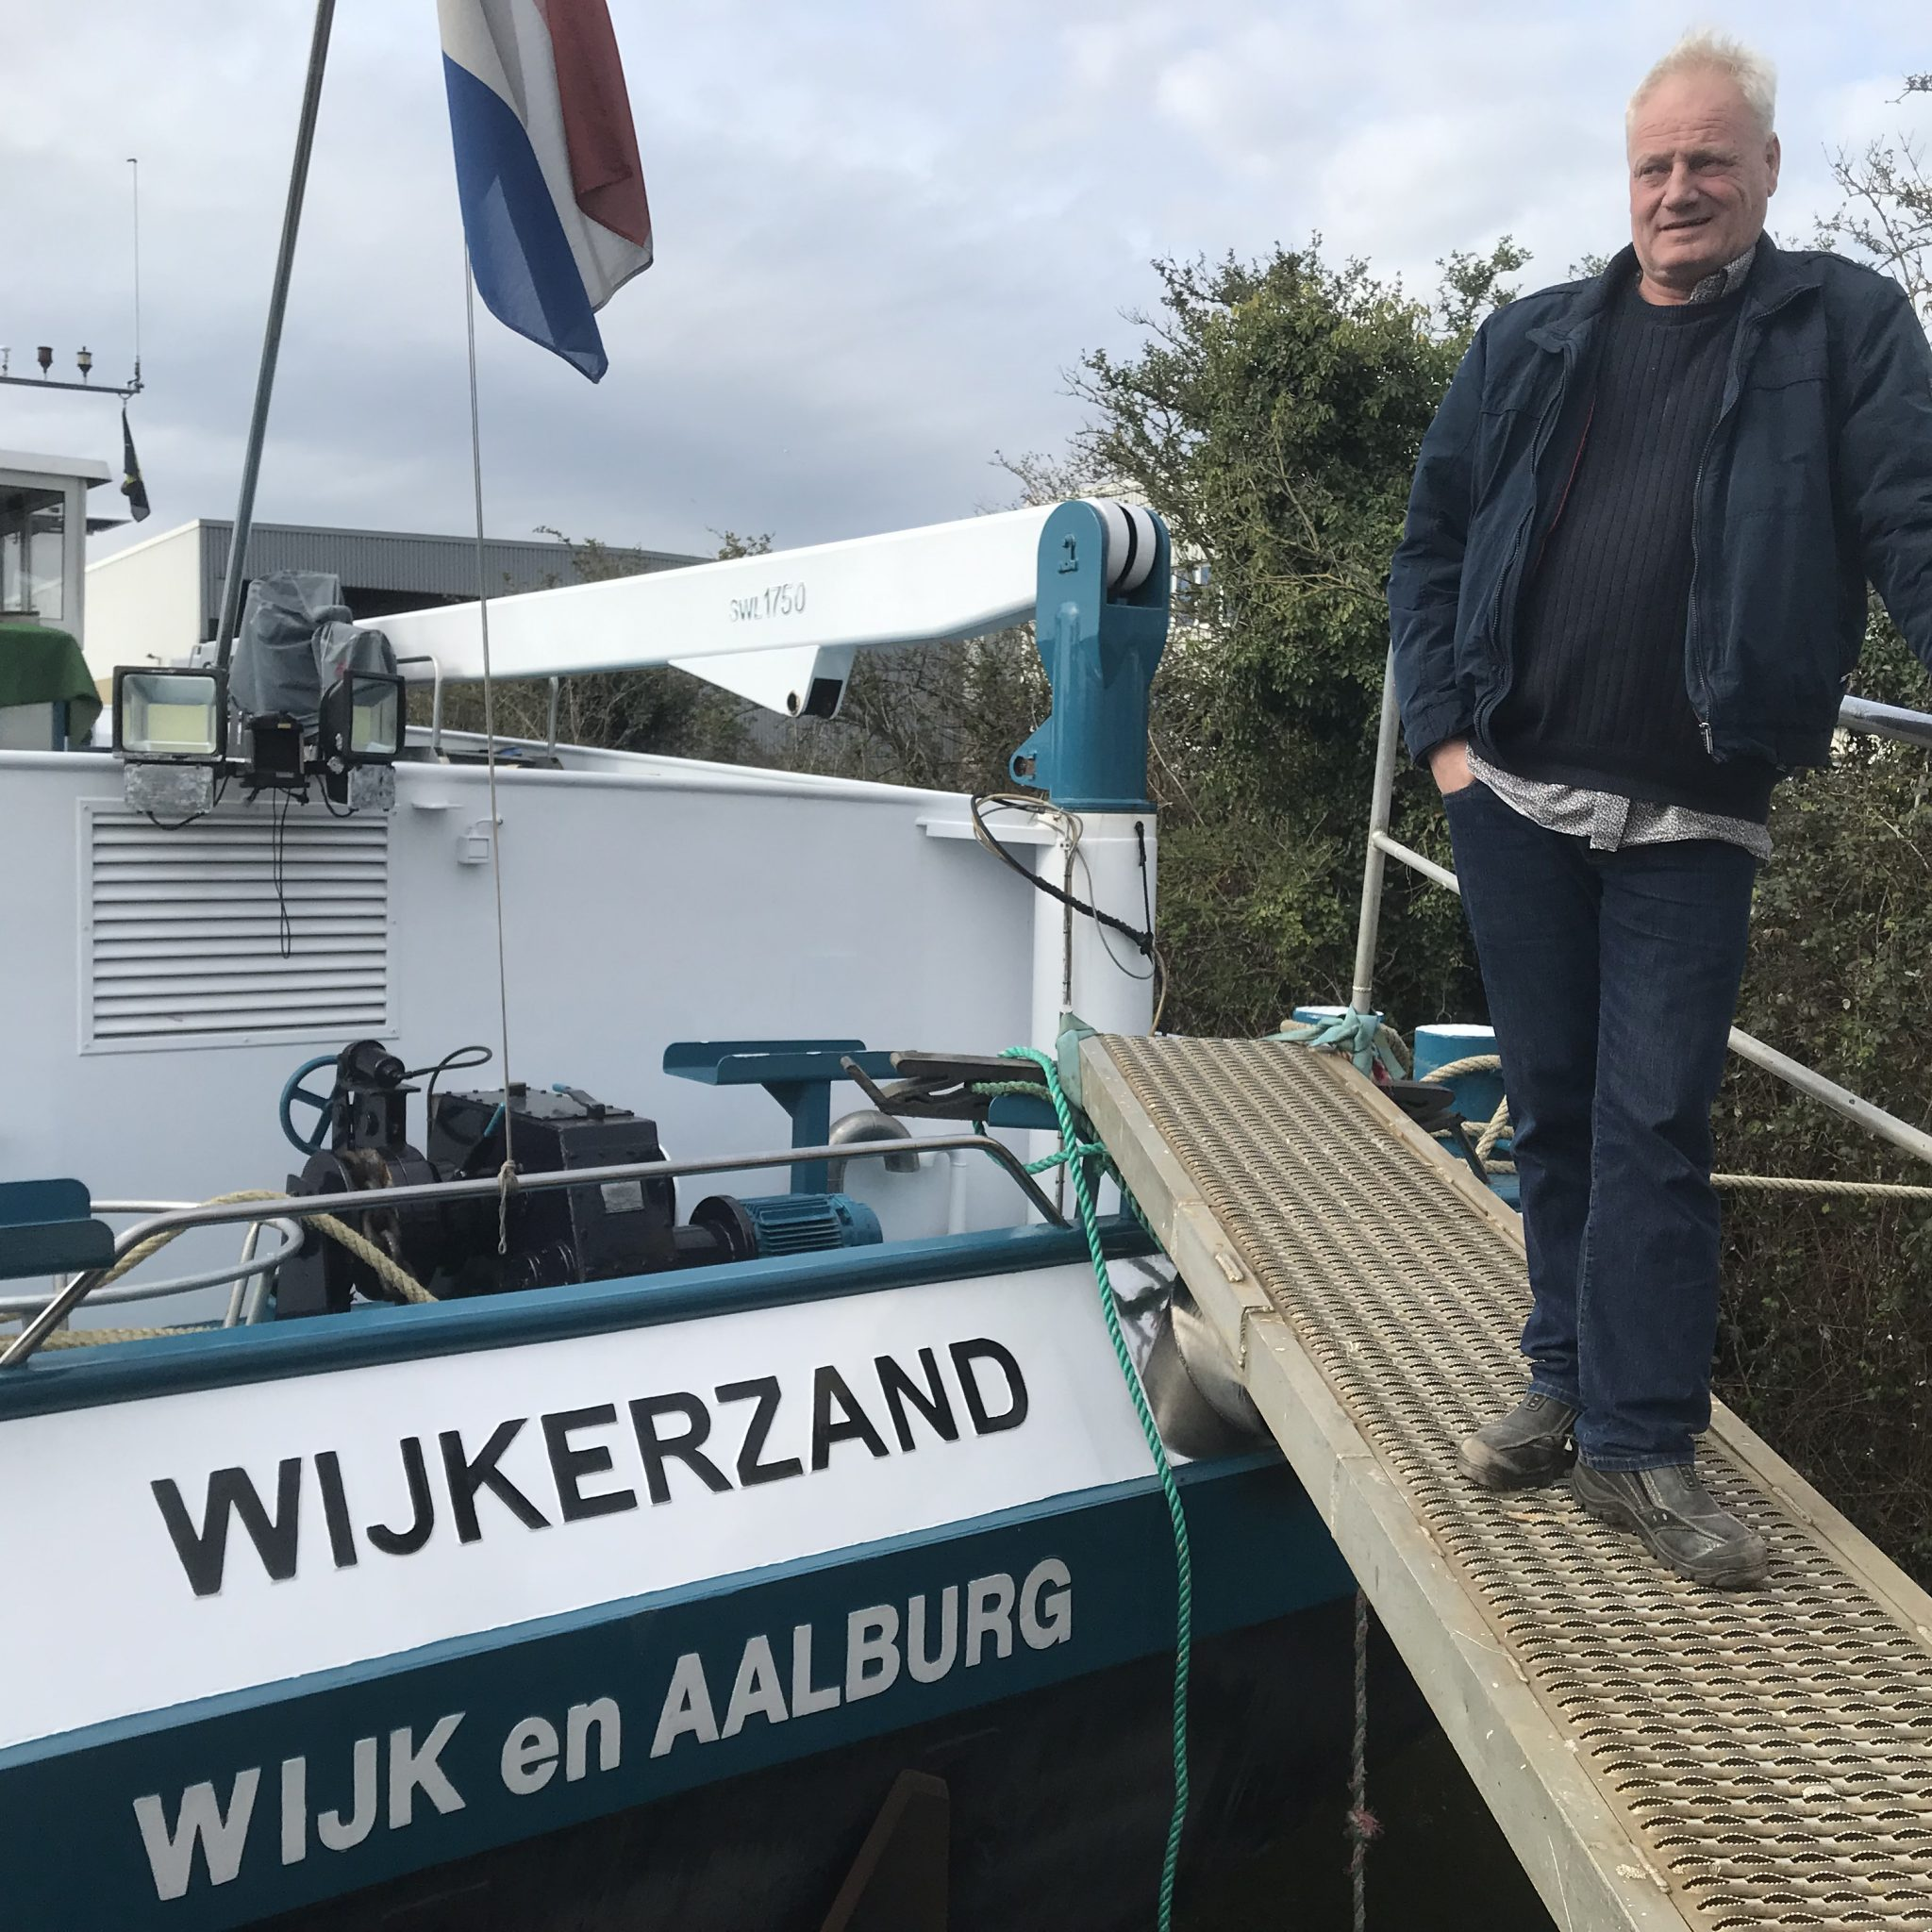 Goof van Andel bij zijn schip Wijkerzand. (Foto Hannie Visser-Kieboom)